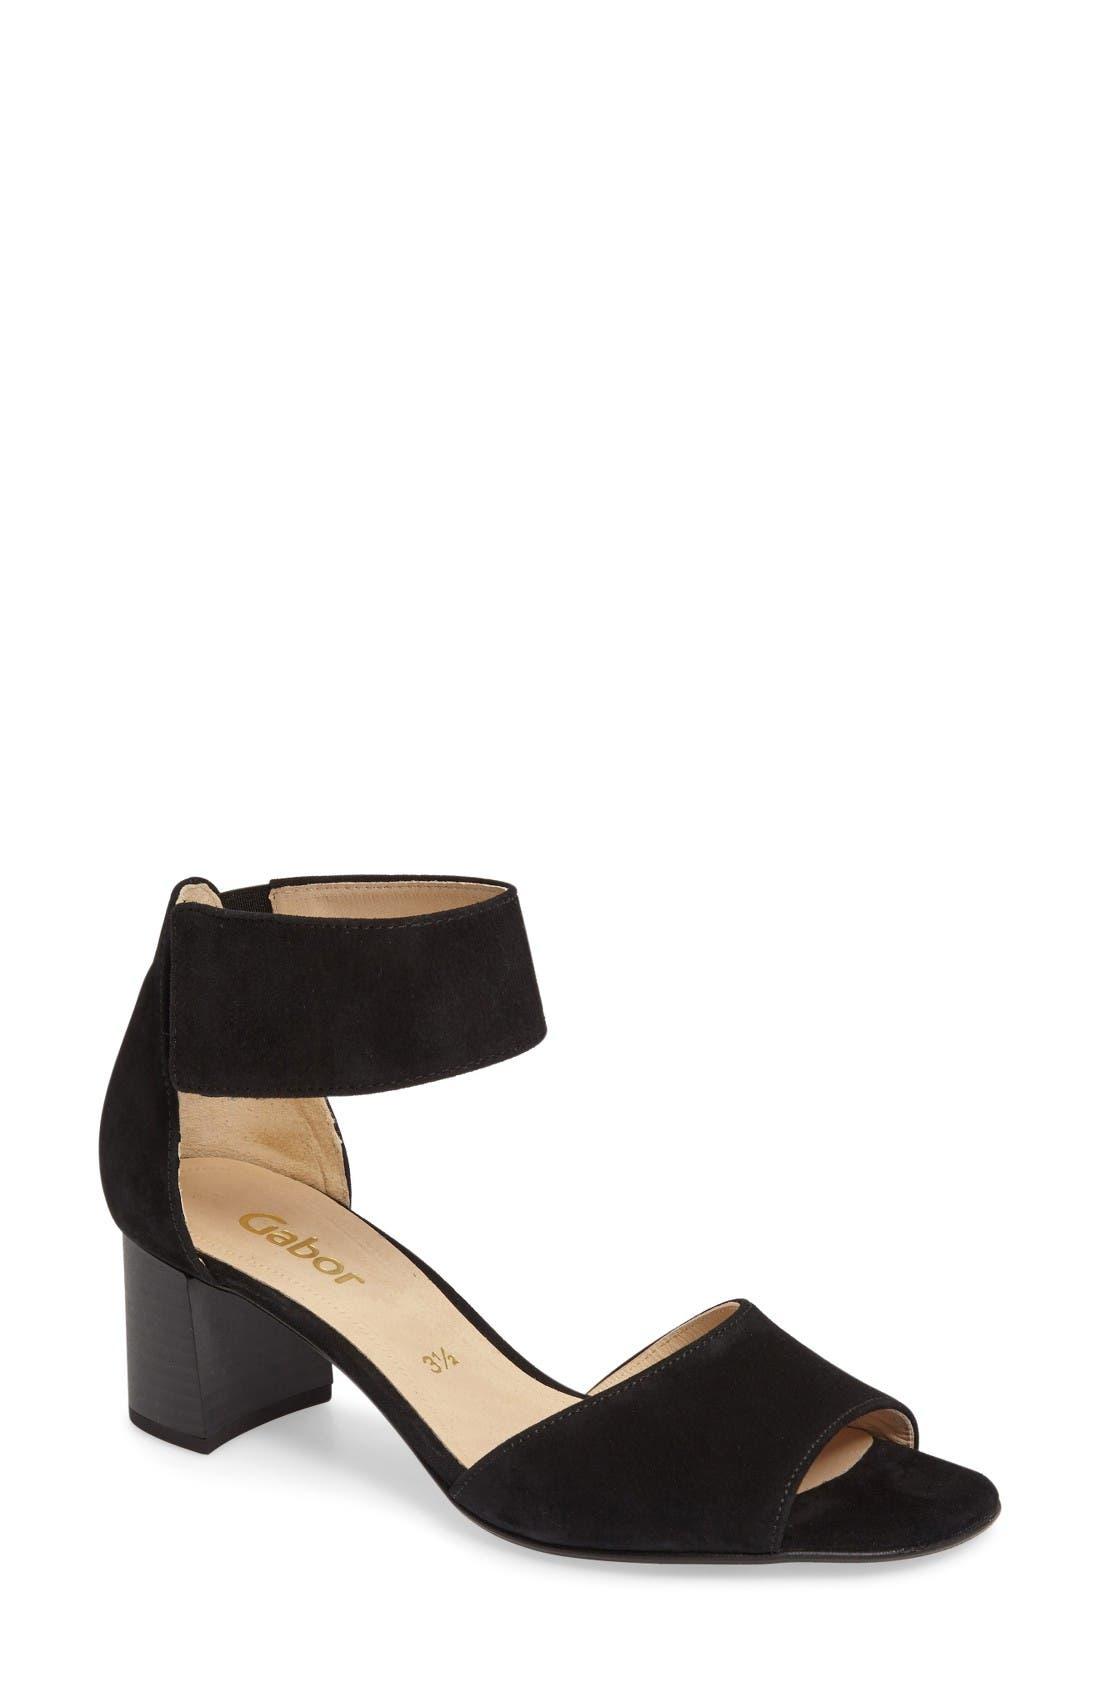 Alternate Image 1 Selected - Gabor Ankle Strap Sandal (Women)